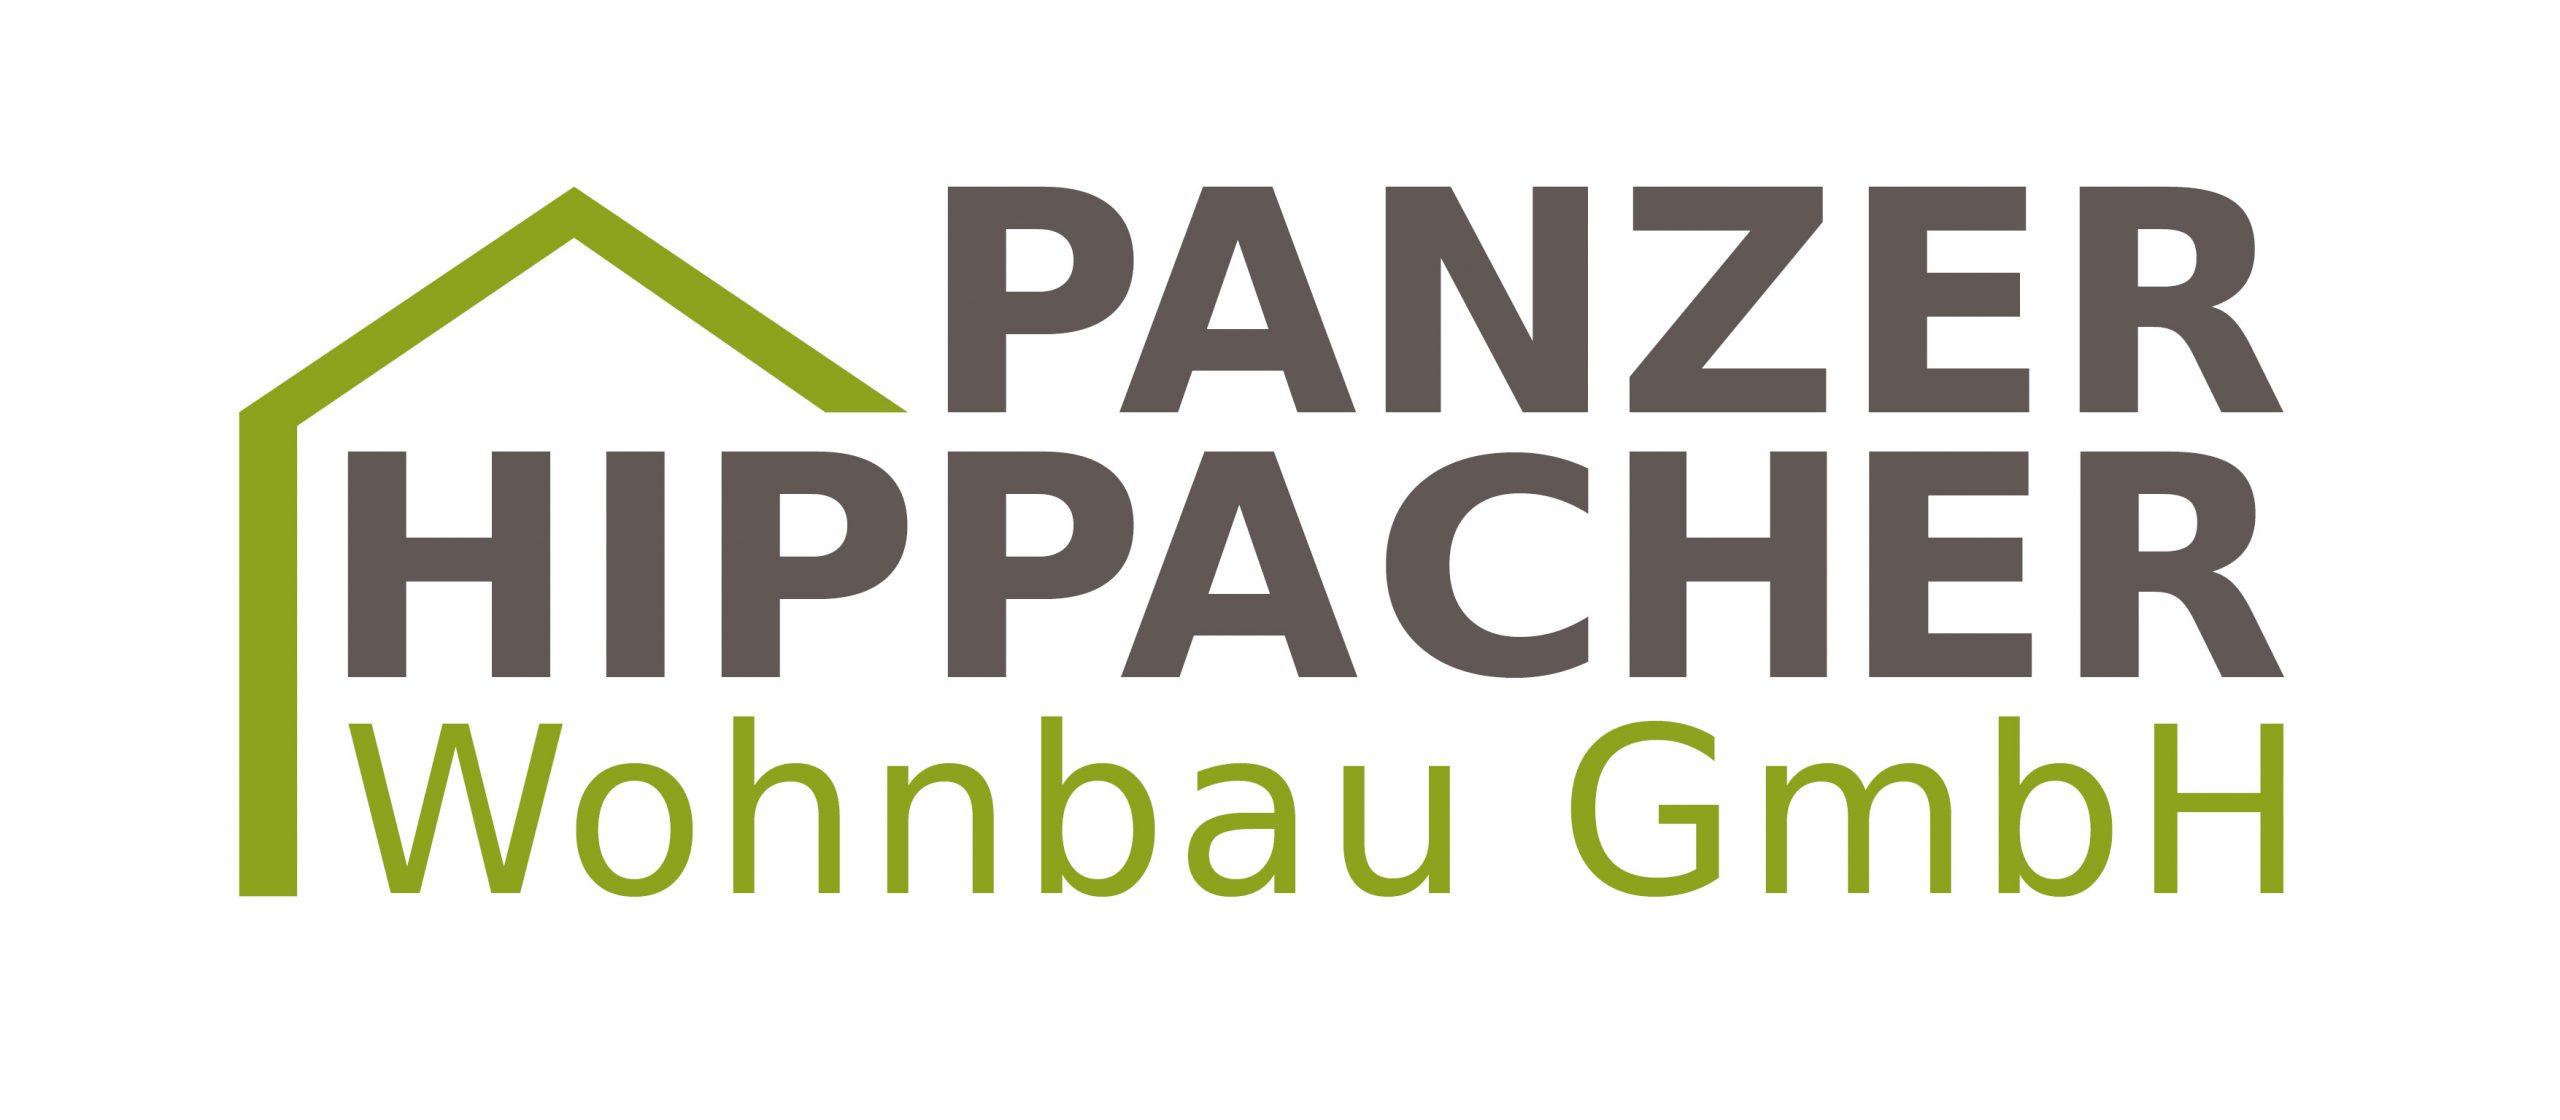 Panzer-Hippacher Wohnbau GmbH